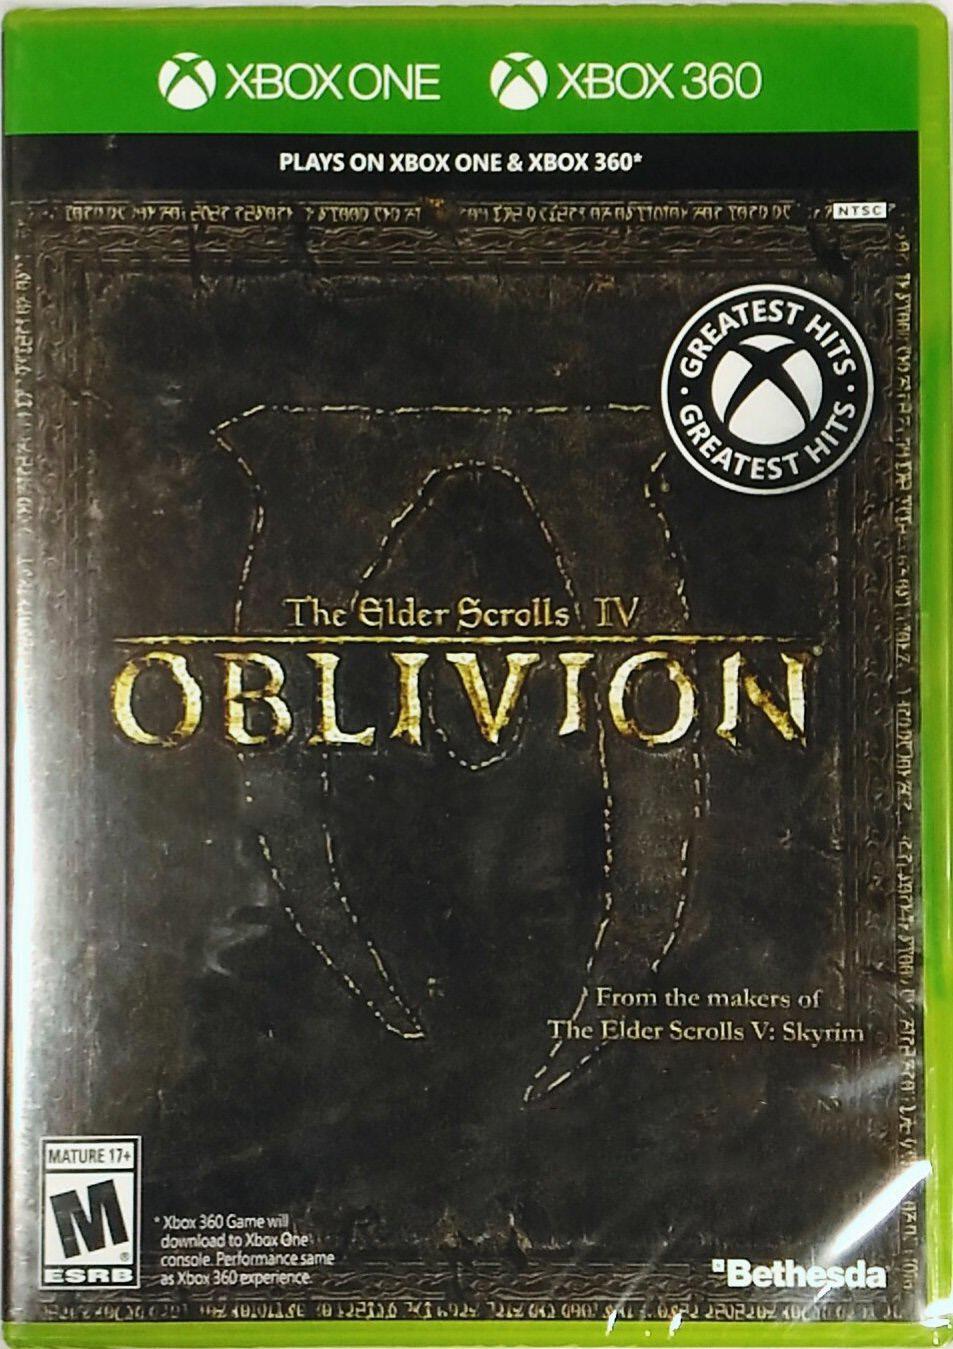 Фото - The Elder Scrolls IV: Oblivion [Xbox One/Xbox 360, Цифровая версия] (Цифровая версия) piotr deja ziuziek the elder scrolls iii przepowiednia